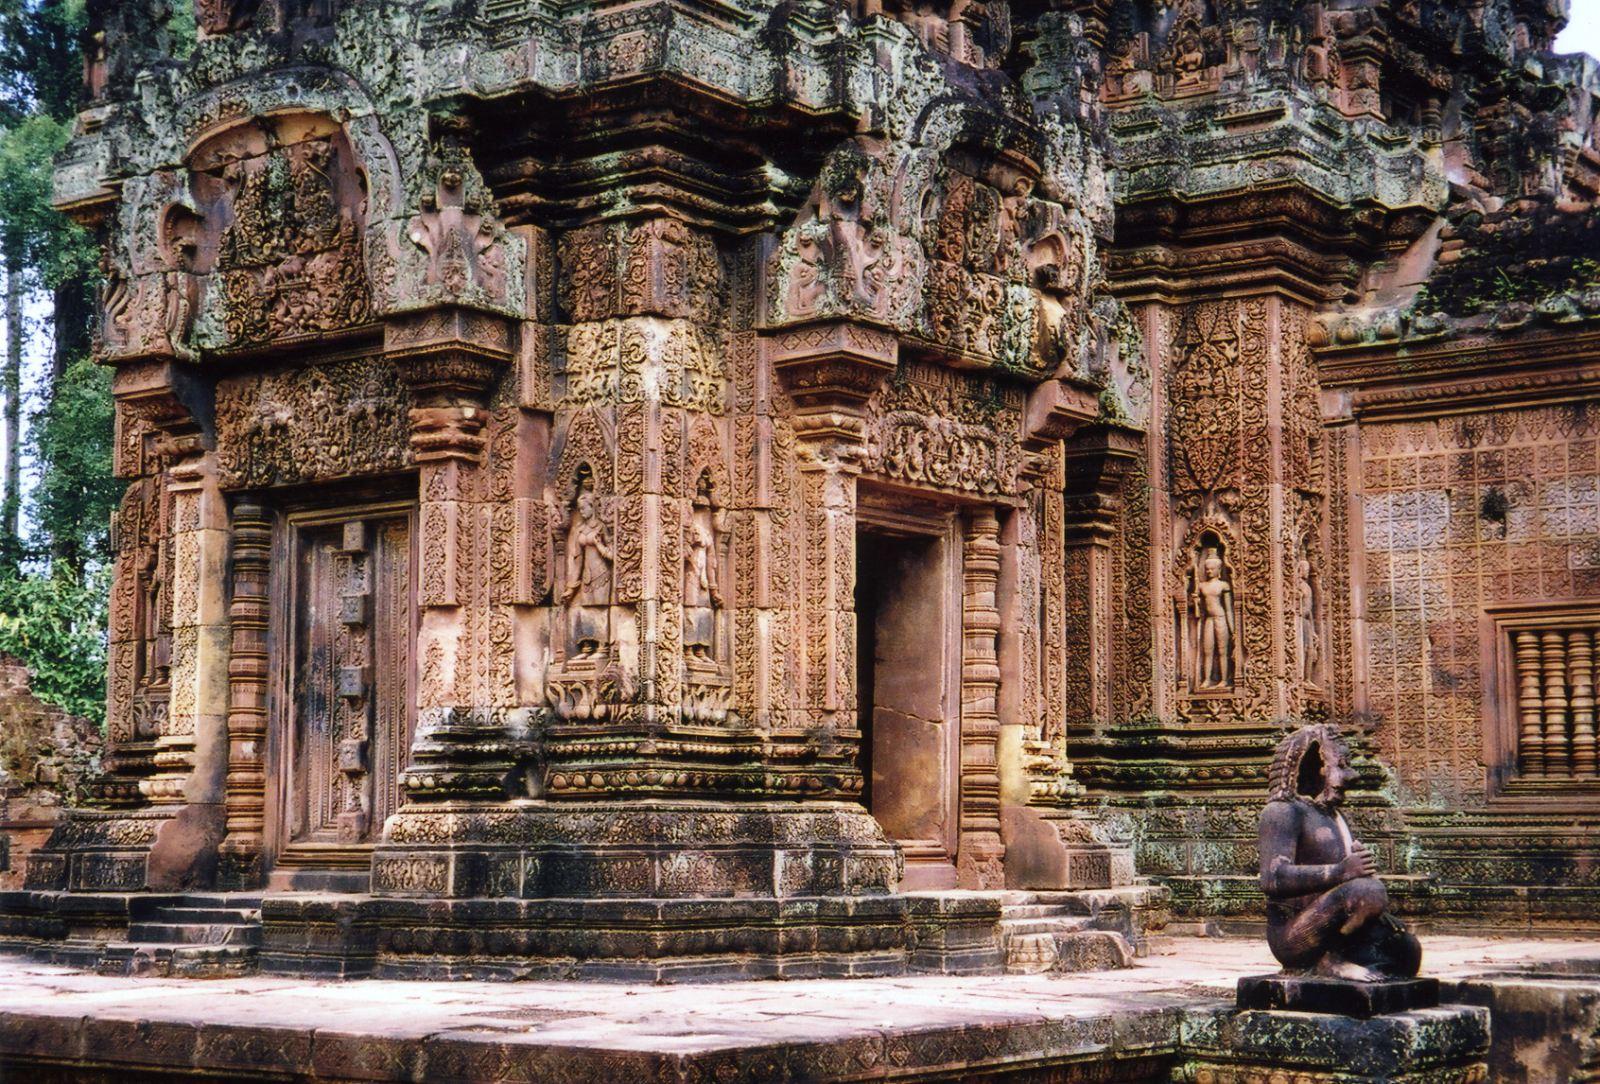 Буддистский храм Бантей Кдей